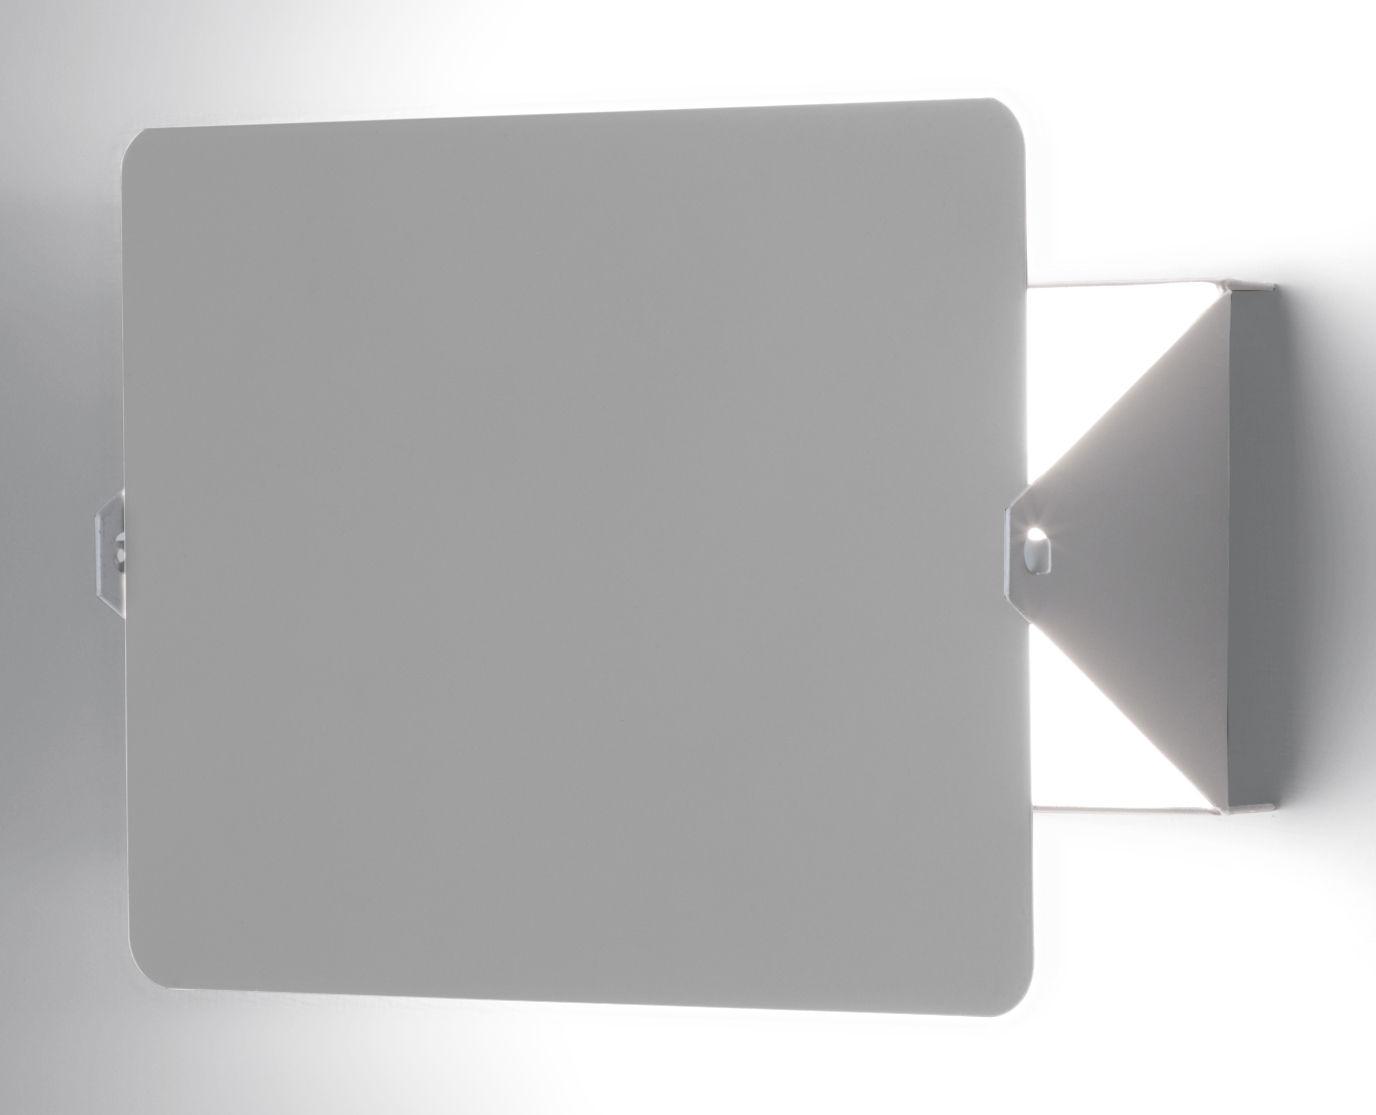 Illuminazione - Lampade da parete - Applique - by Charlotte Perriand / Riedizione 1962 di Nemo - Bianco / Placca girevole grigia - alluminio verniciato, metallo verniciato